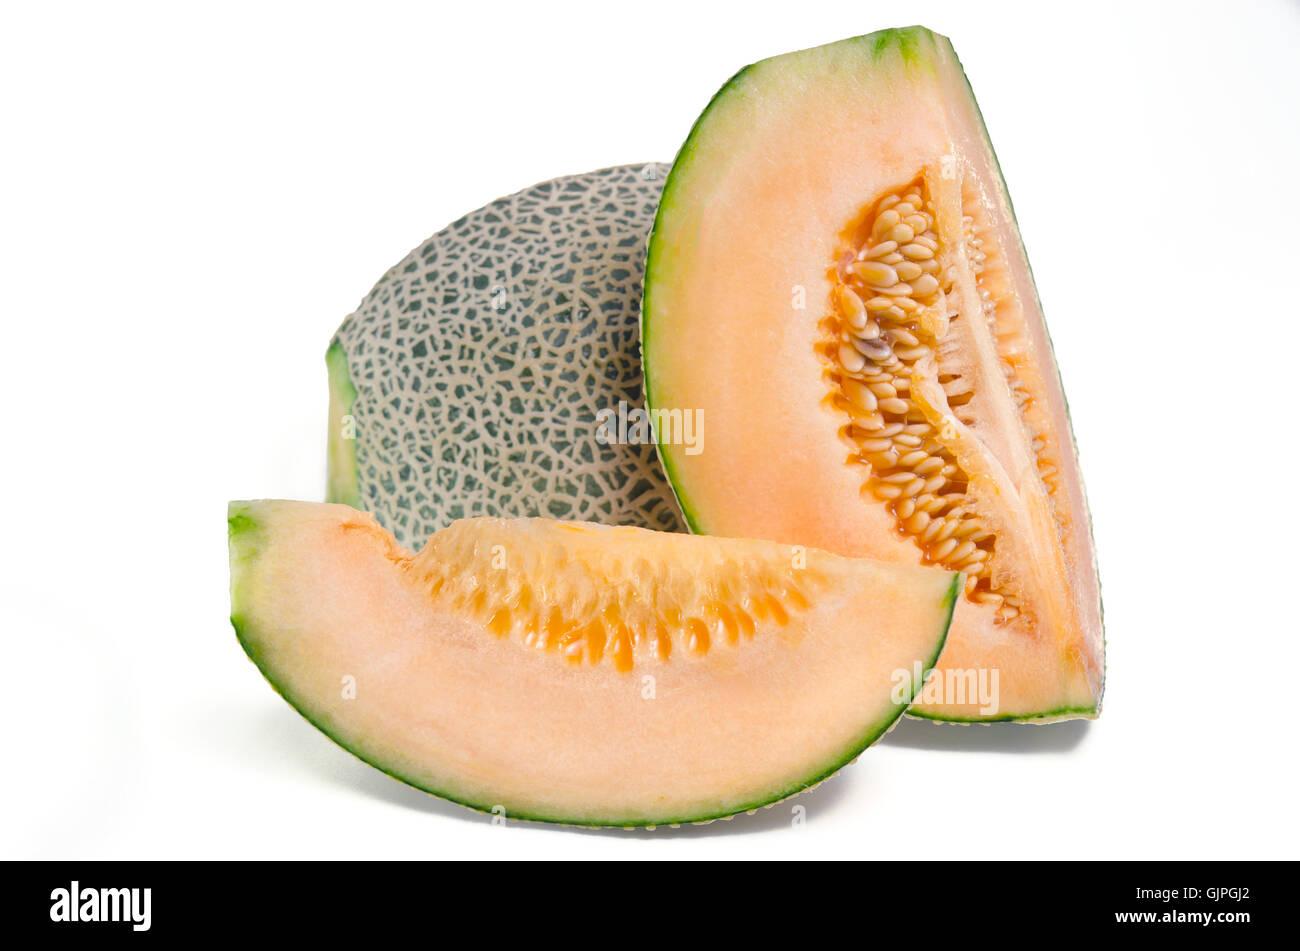 Cucumis melo ou melon avec la moitié et les graines sur blanc (d'autres noms sont cantelope, cantaloup, Photo Stock